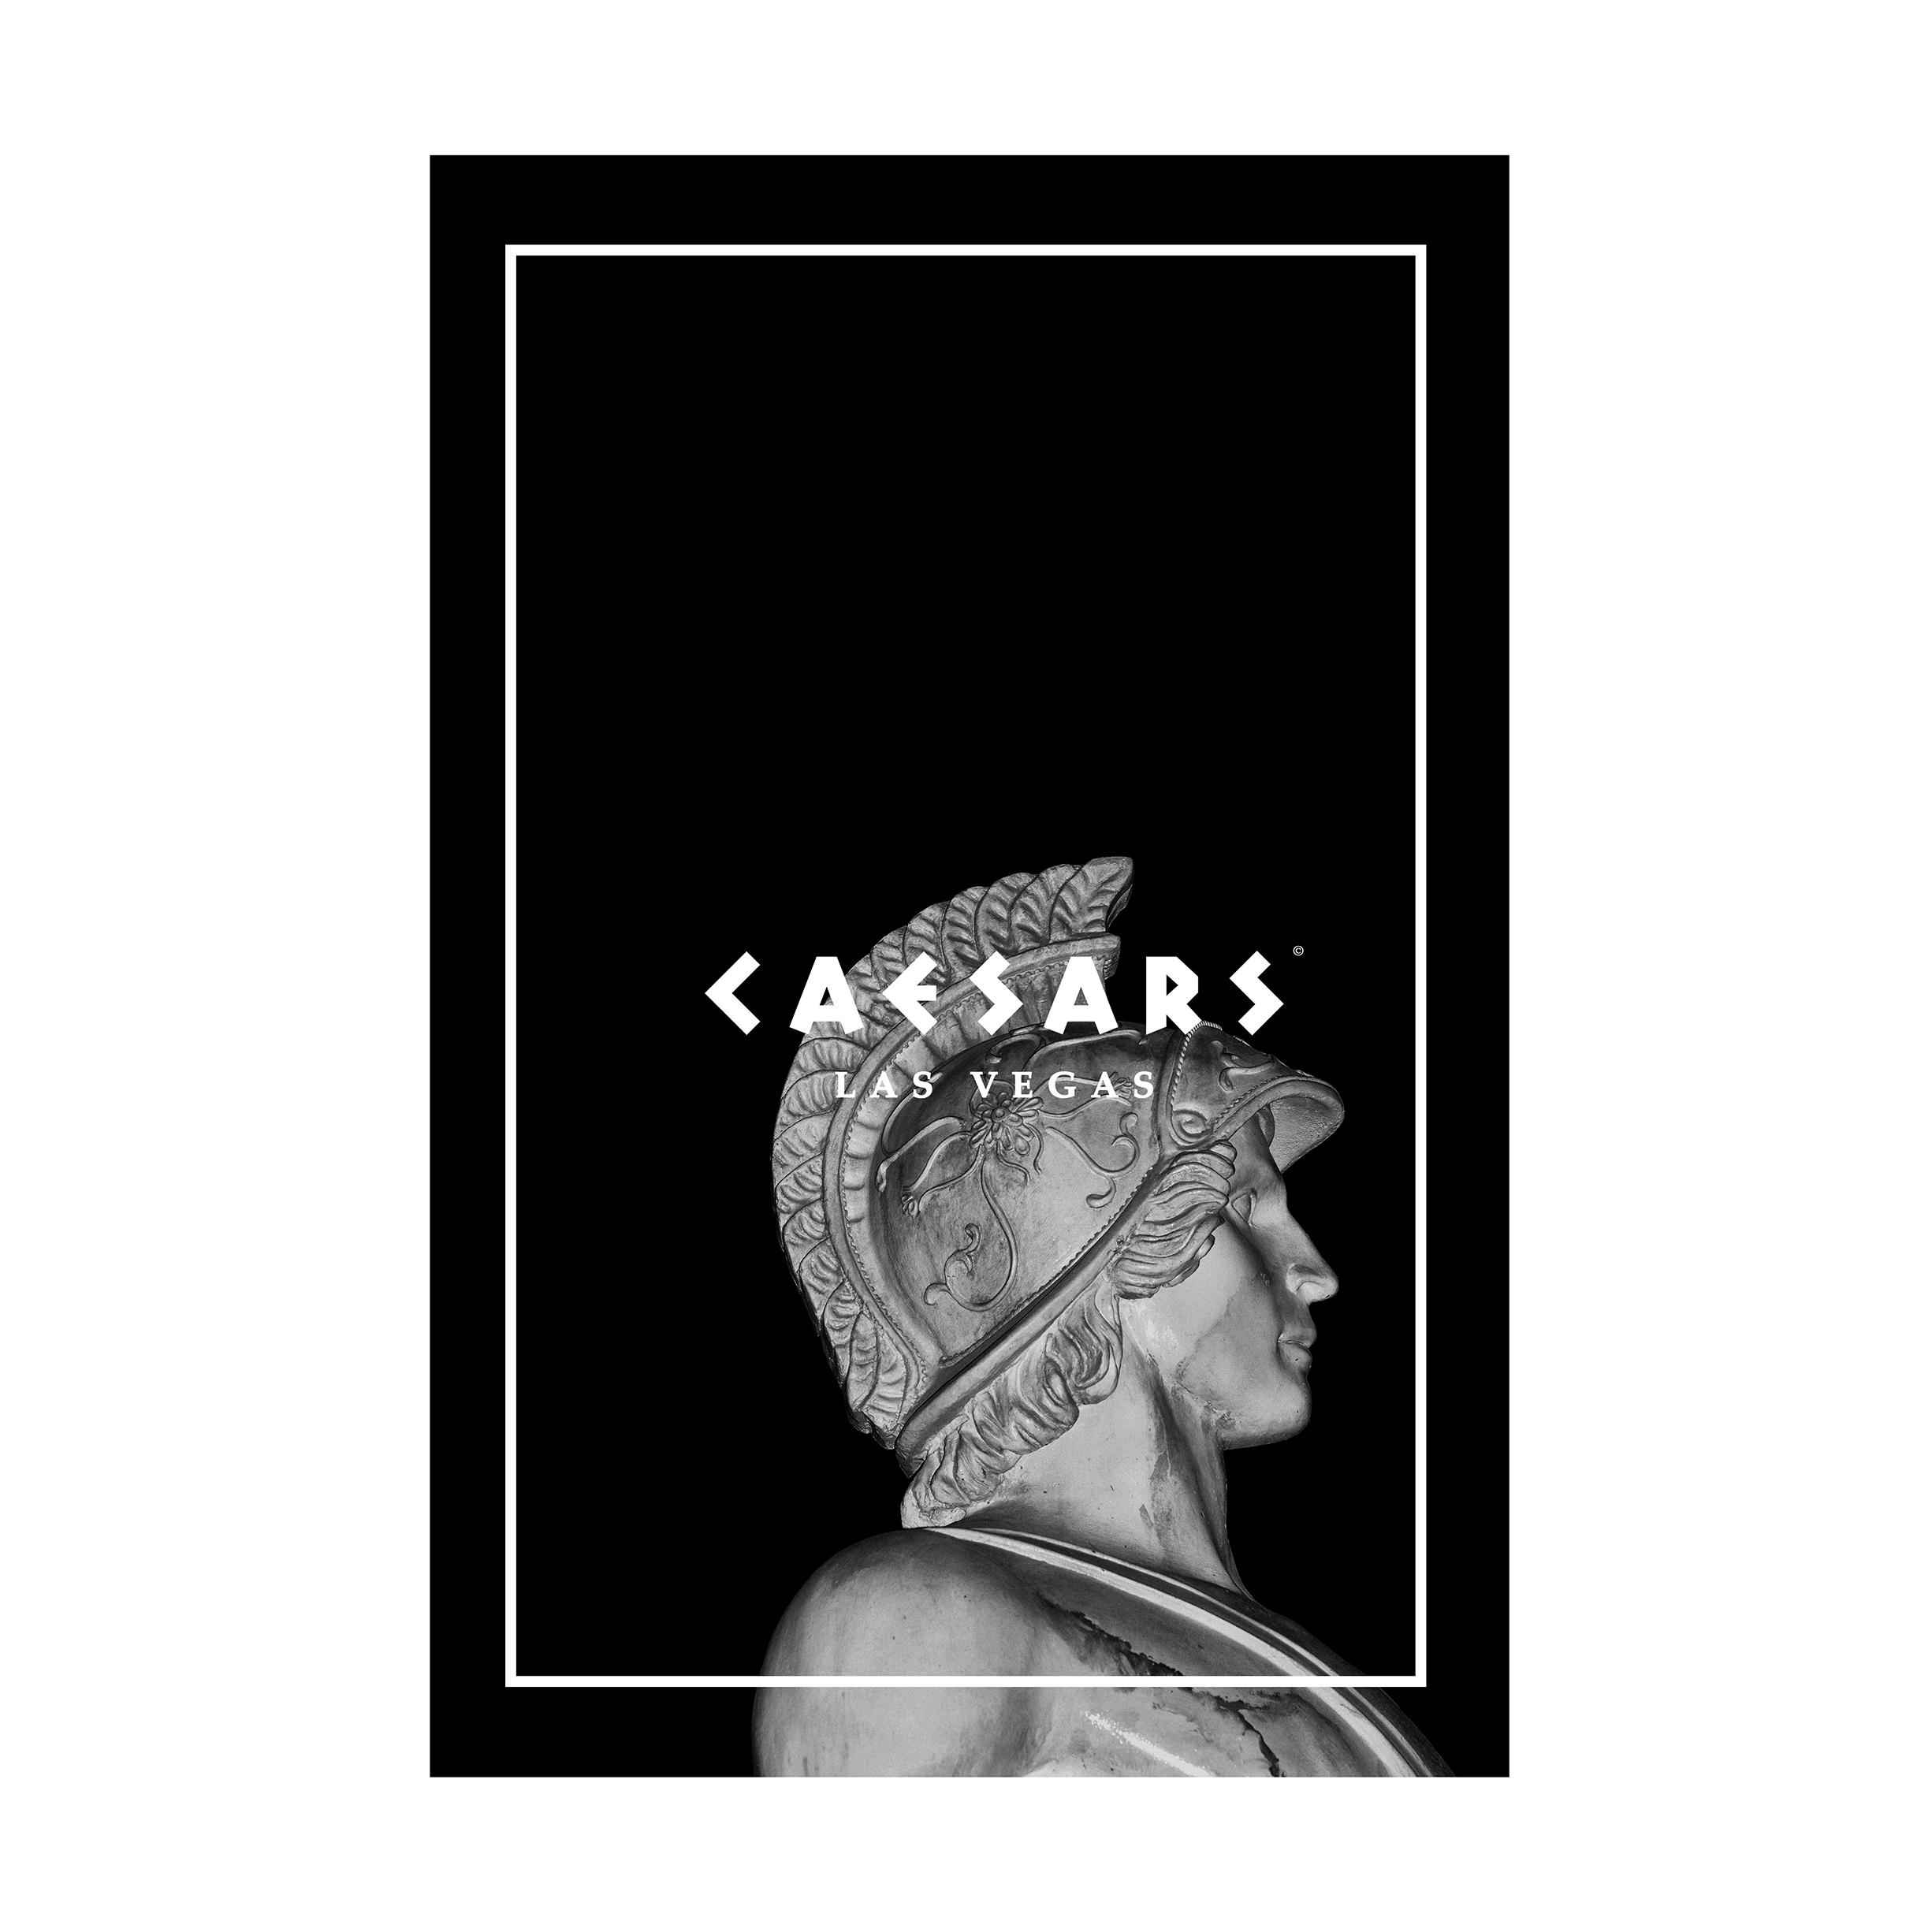 caesars+website+3.jpg